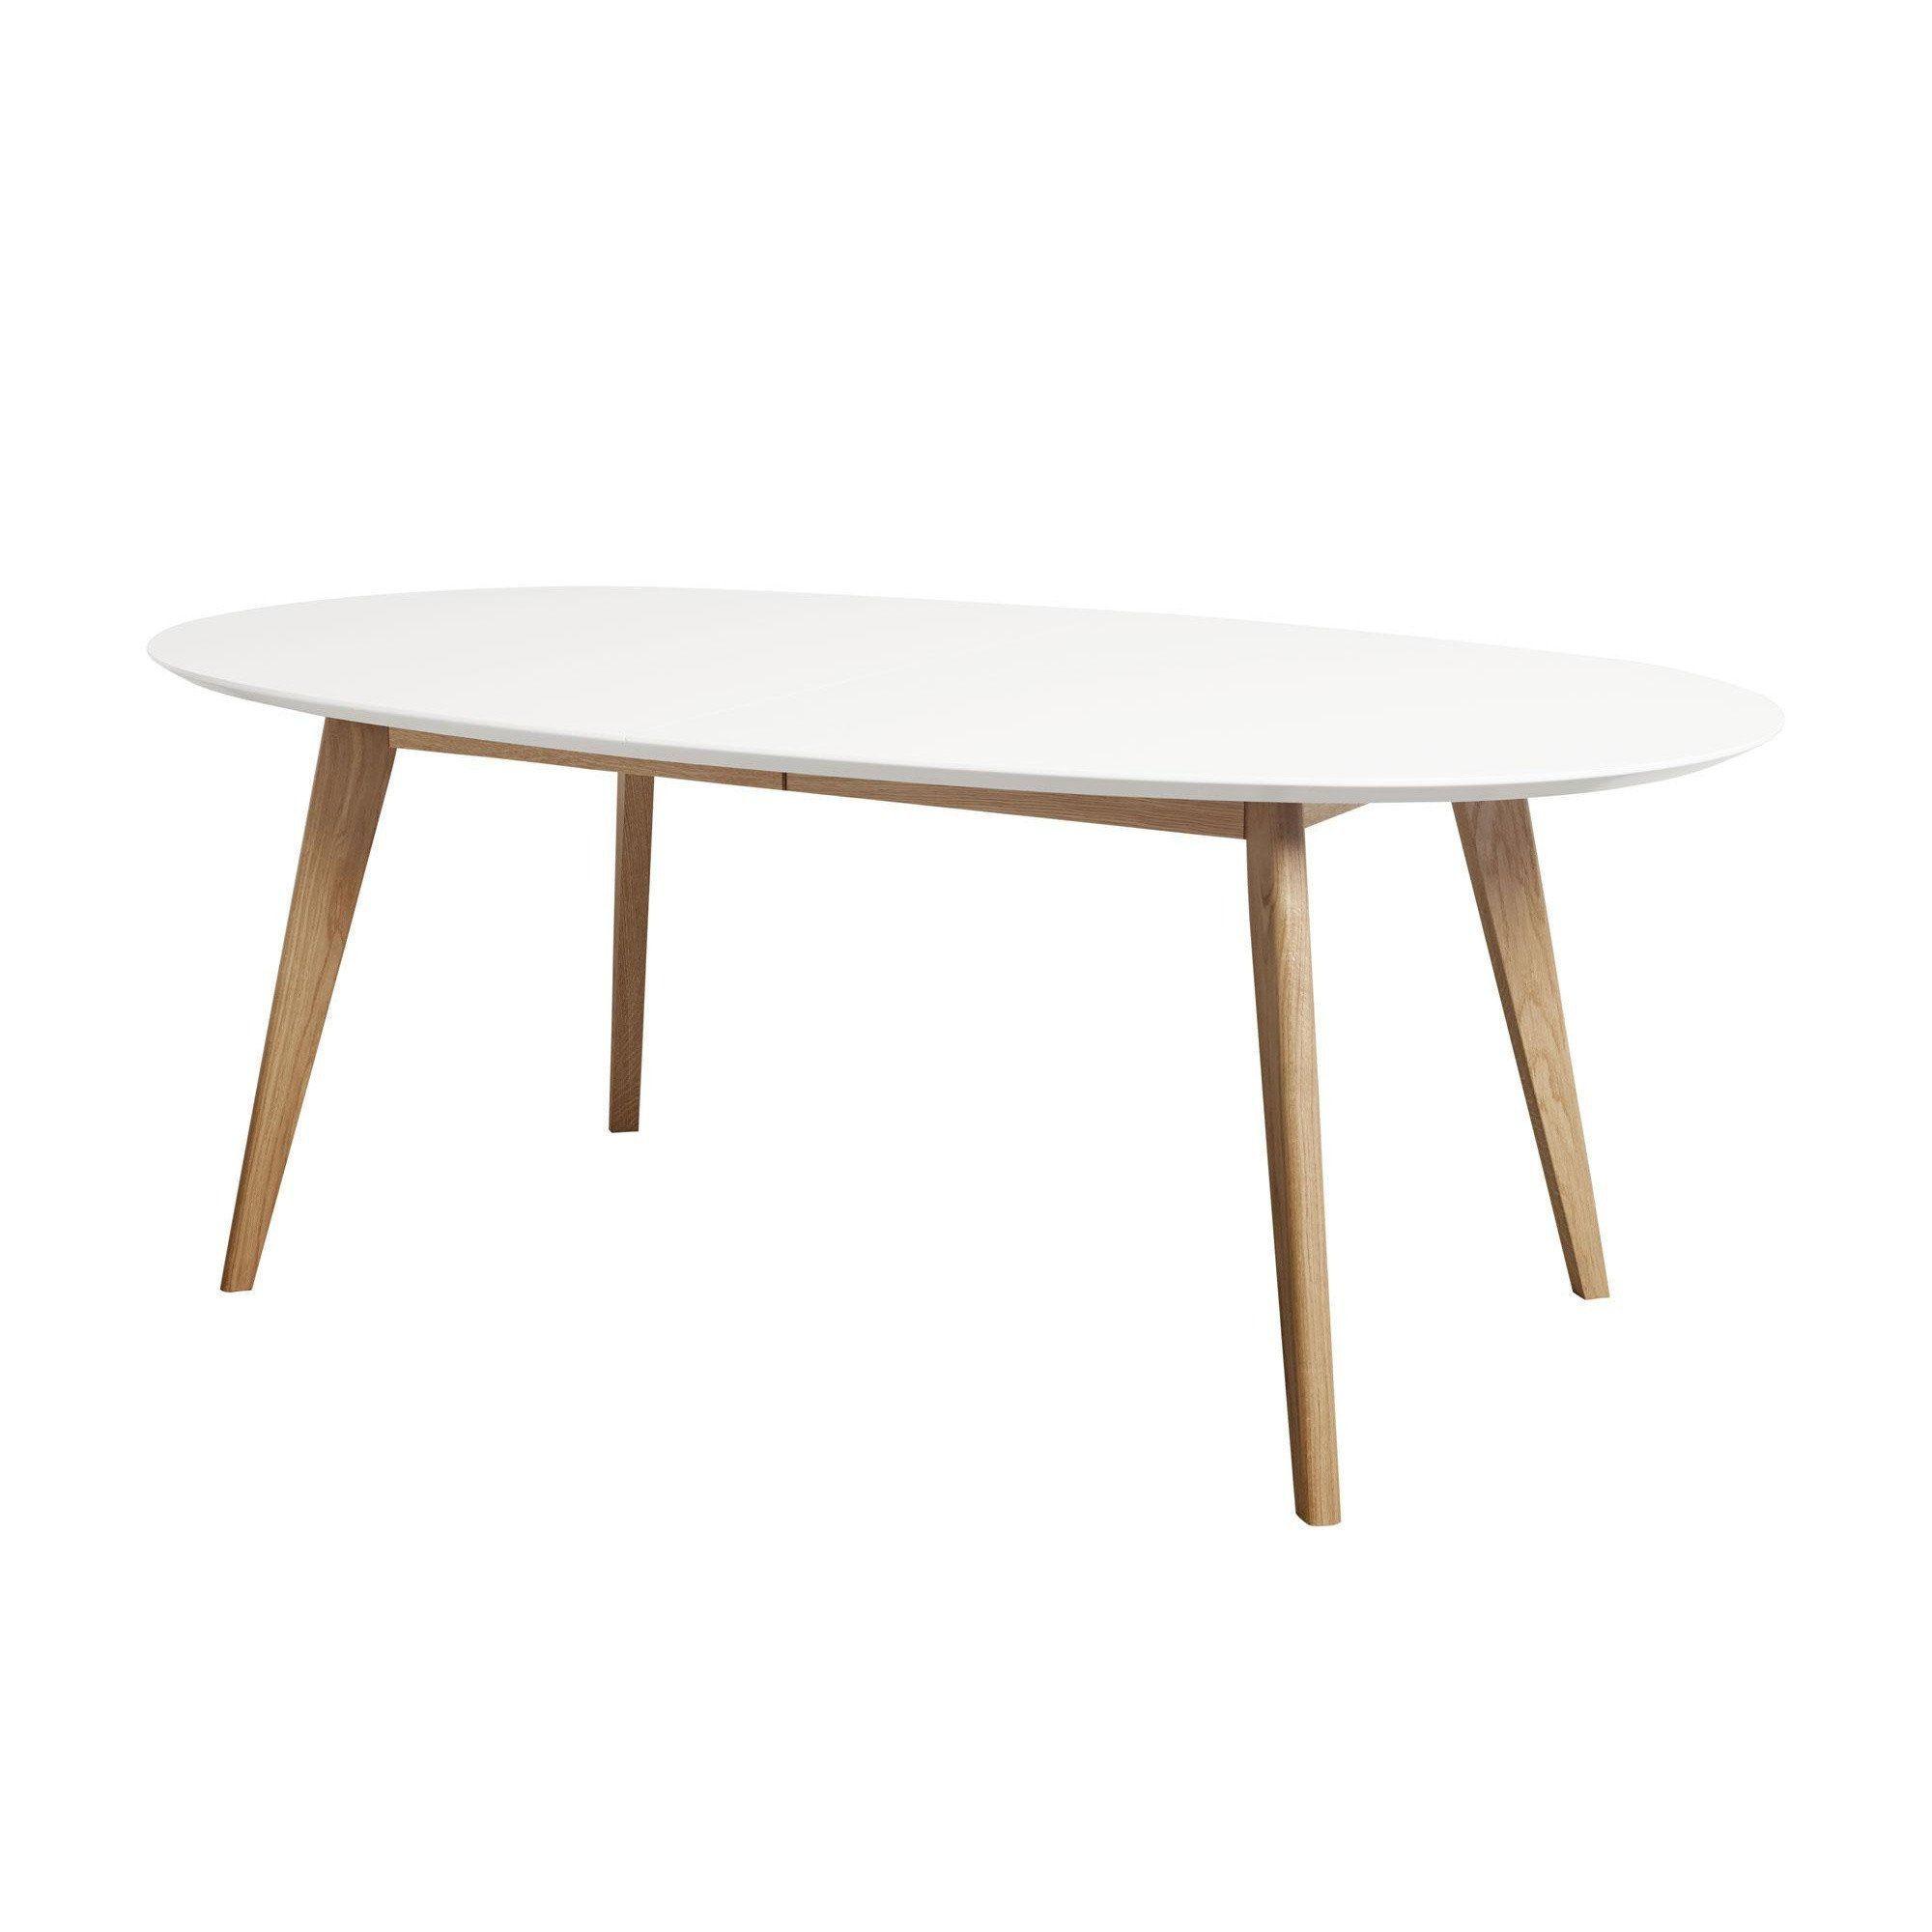 Bezaubernd Esstisch Massivholz Weiß Referenz Von Andersen Furniture - Dk10 Ausziehbar Beine -